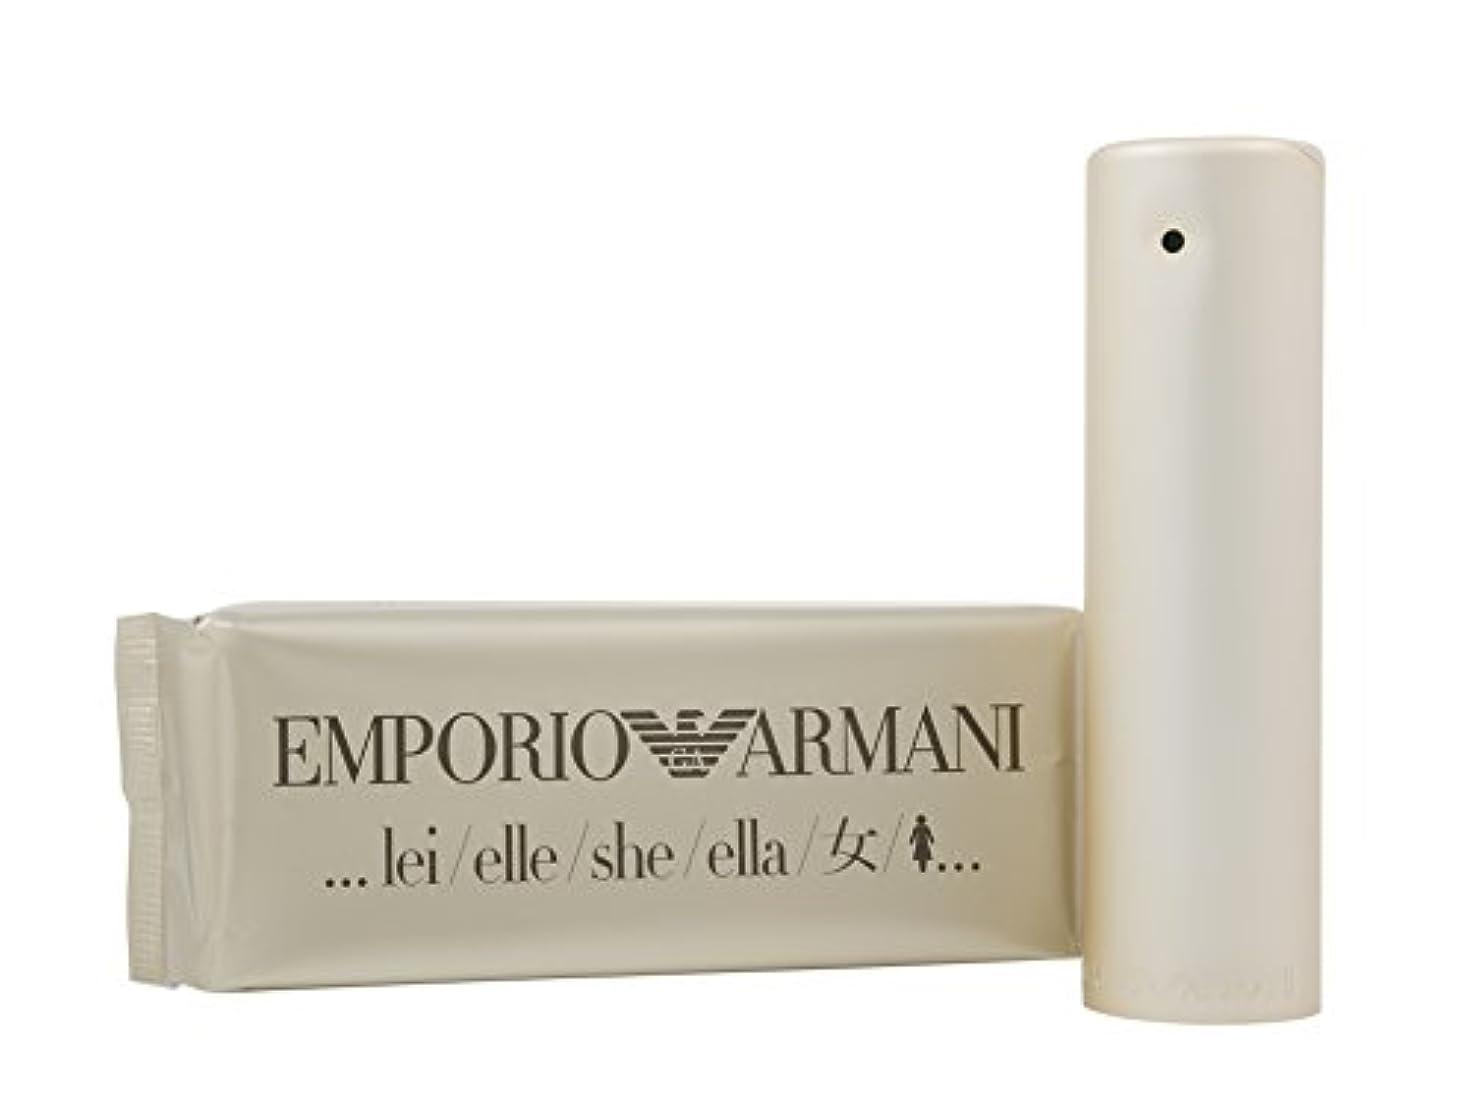 エンジニア厚さ中性エンポリオアルマーニ EMPORIO ARMANI エンポリオシー 100ml EDP SP オードパルファムスプレー(エンポリオハー、エンポリオウーマン)